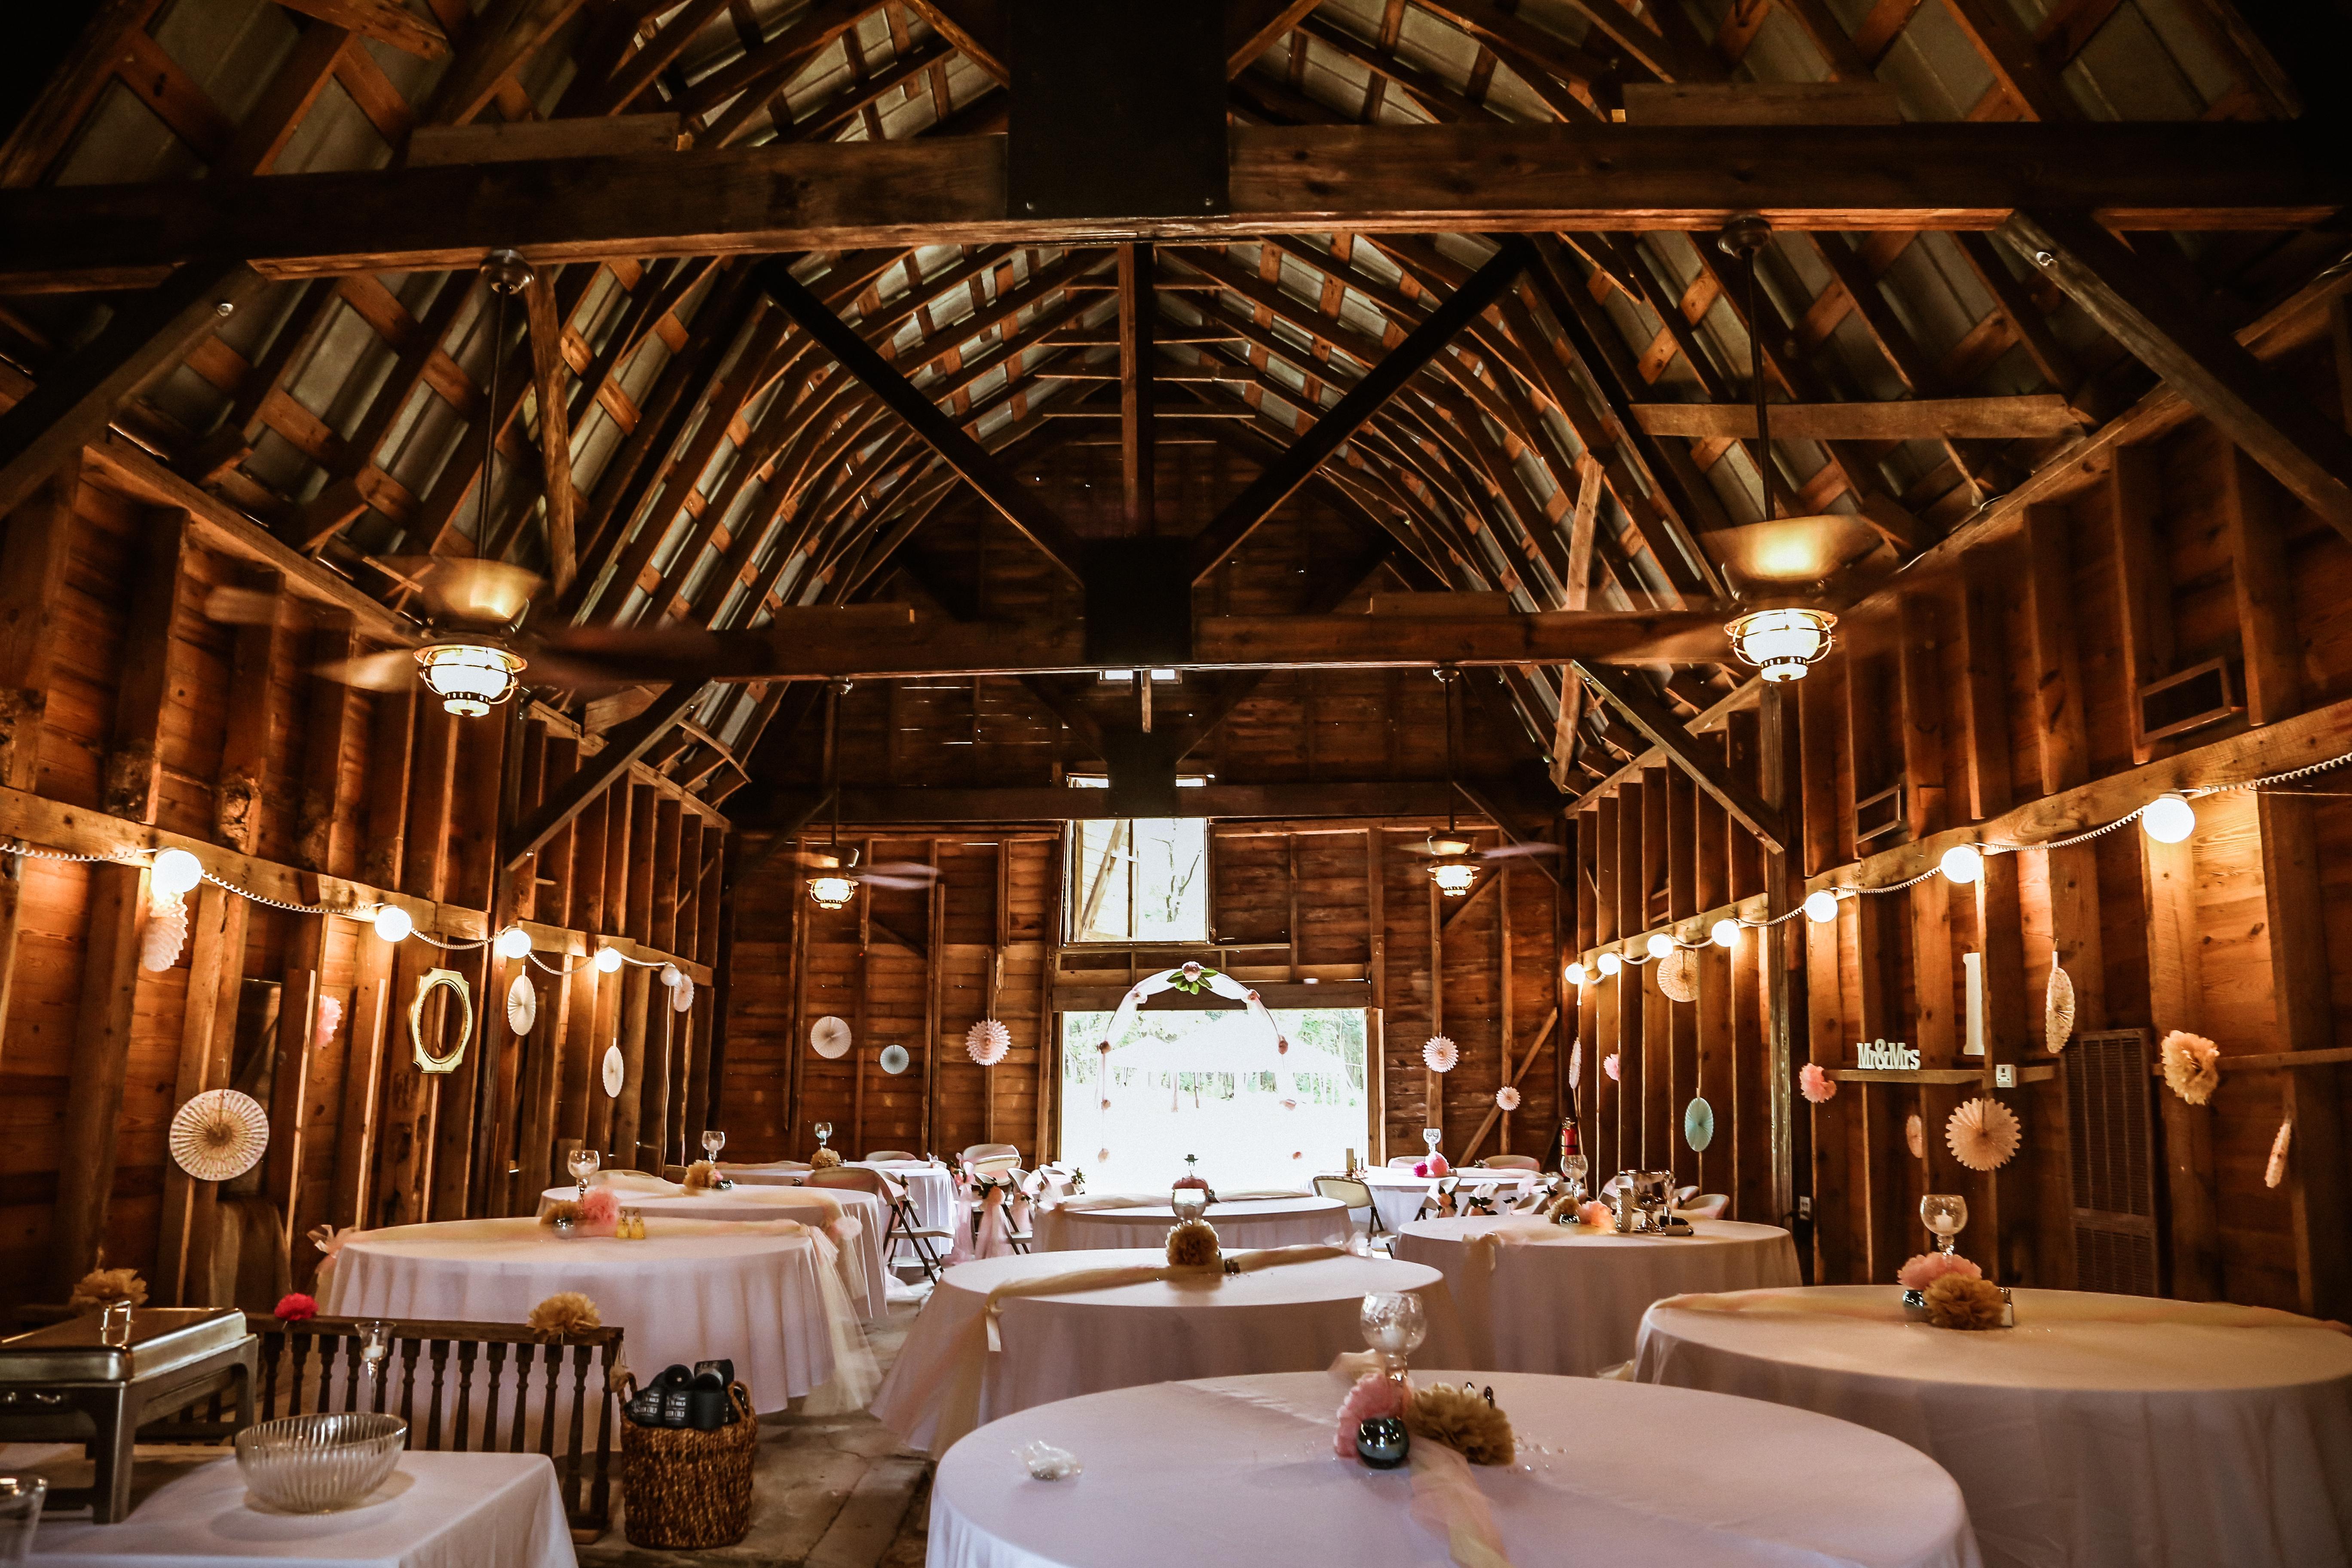 Pine Log Plantation Horse barn int